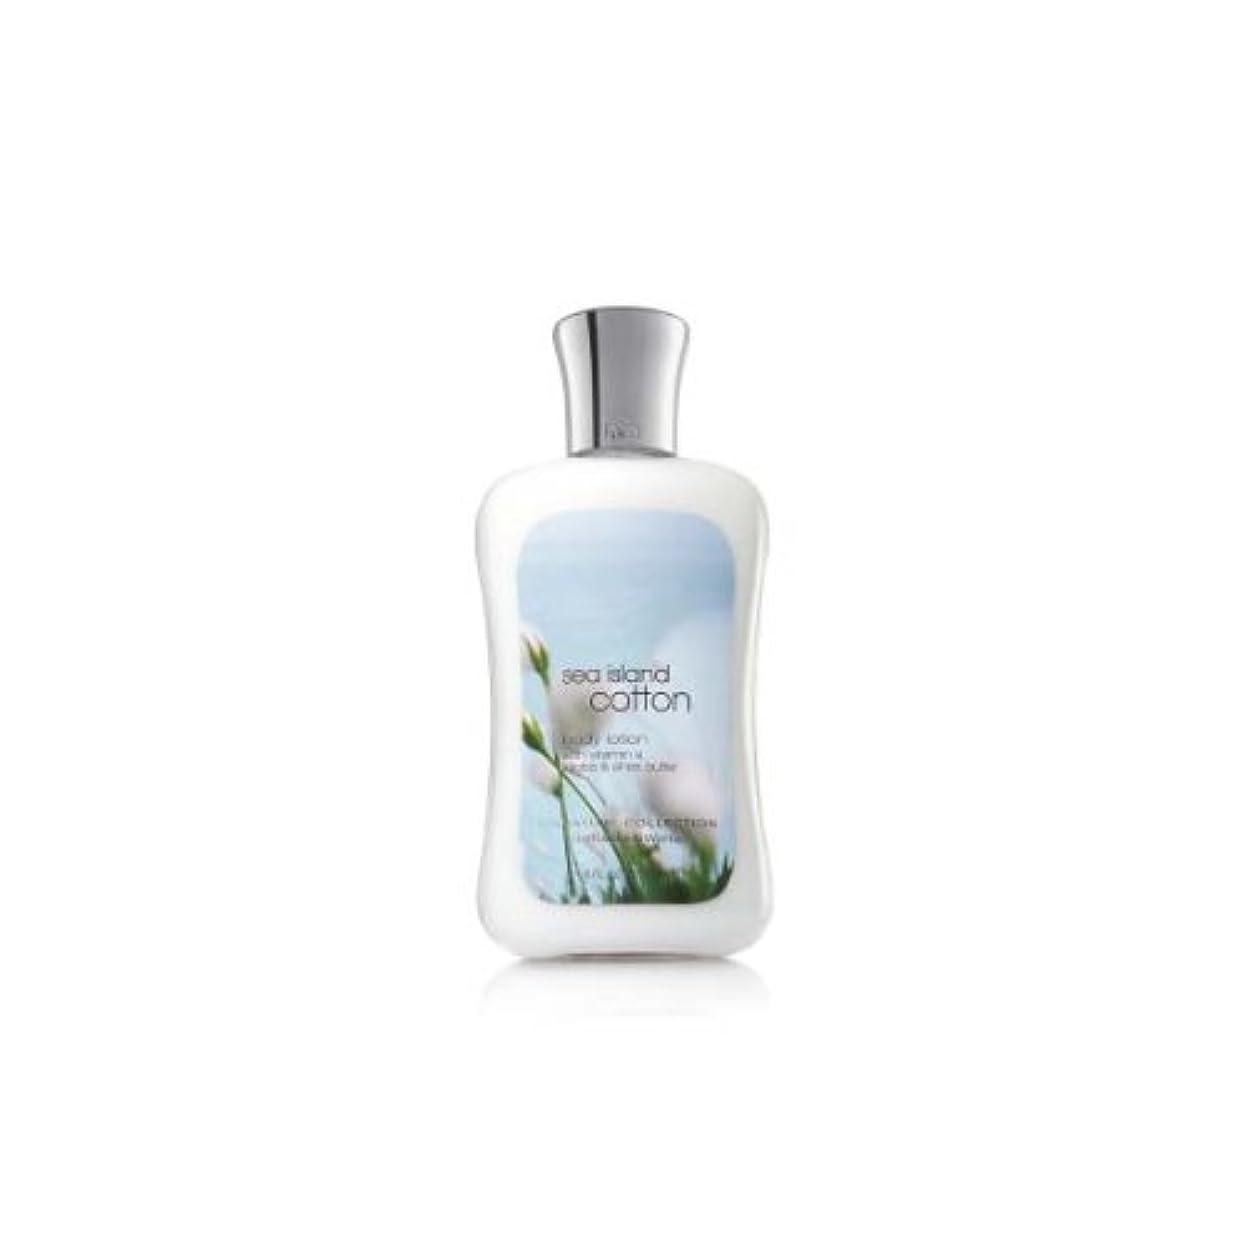 自分自身ヒップ広告Bath&Body Works(バス& ボディワークス) シーアイランドコットン ボディローション シグネチャーコレクション [並行輸入品]